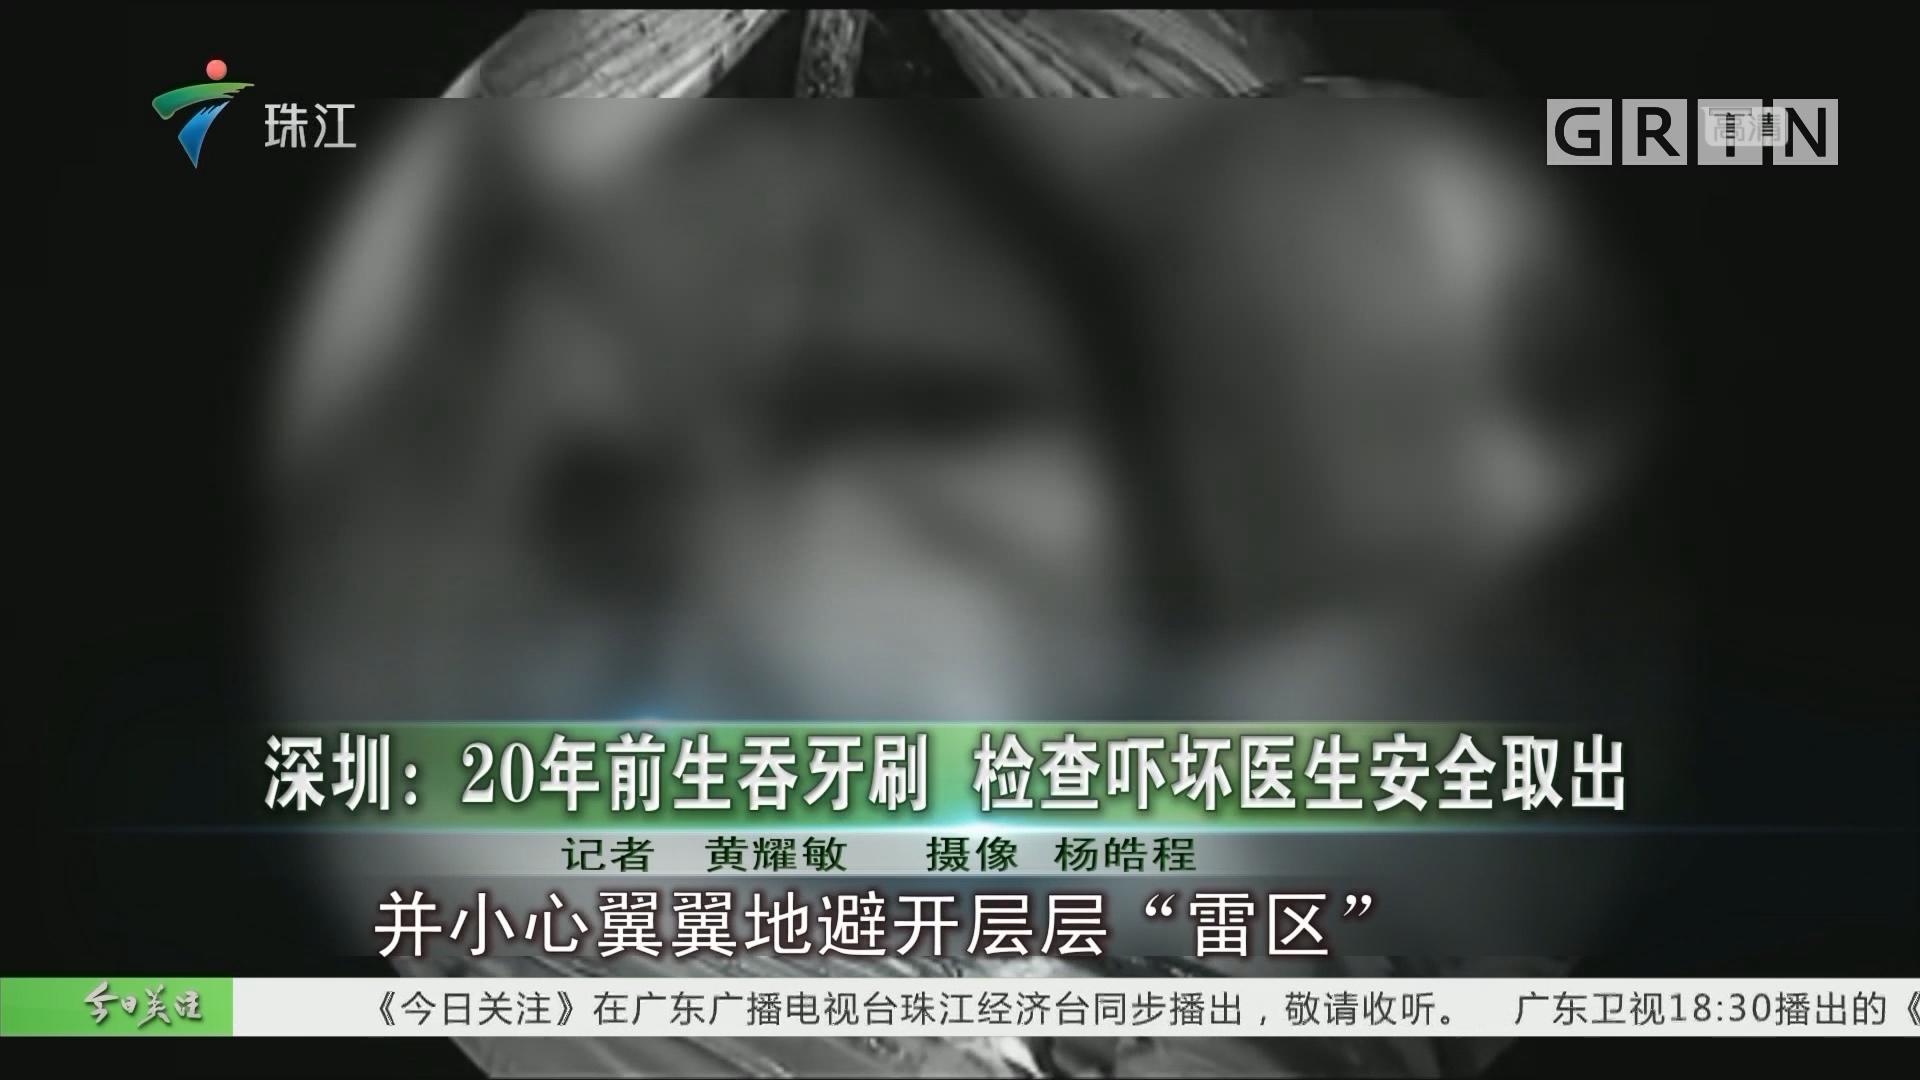 深圳:20年前生吞牙刷 检查吓坏医生安全取出